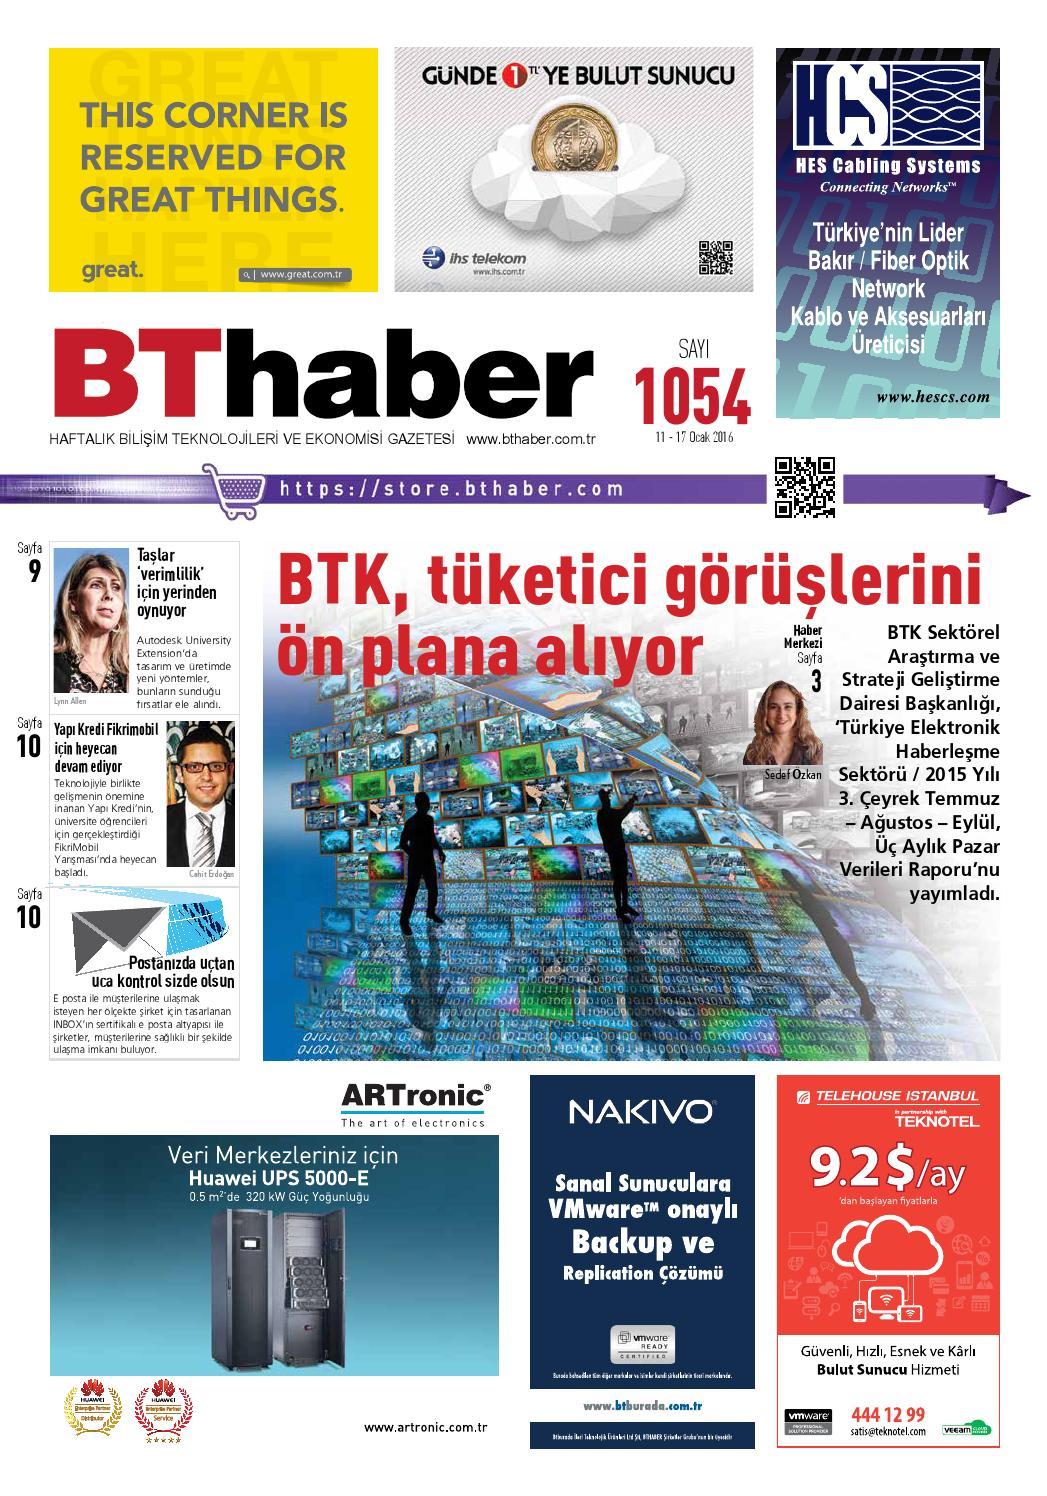 16 Ocak 2019 İstanbulda Okullar Tatil mi Kar Yağışının Ardından Valilikten Resmi Açıklama Bekleniyor 94